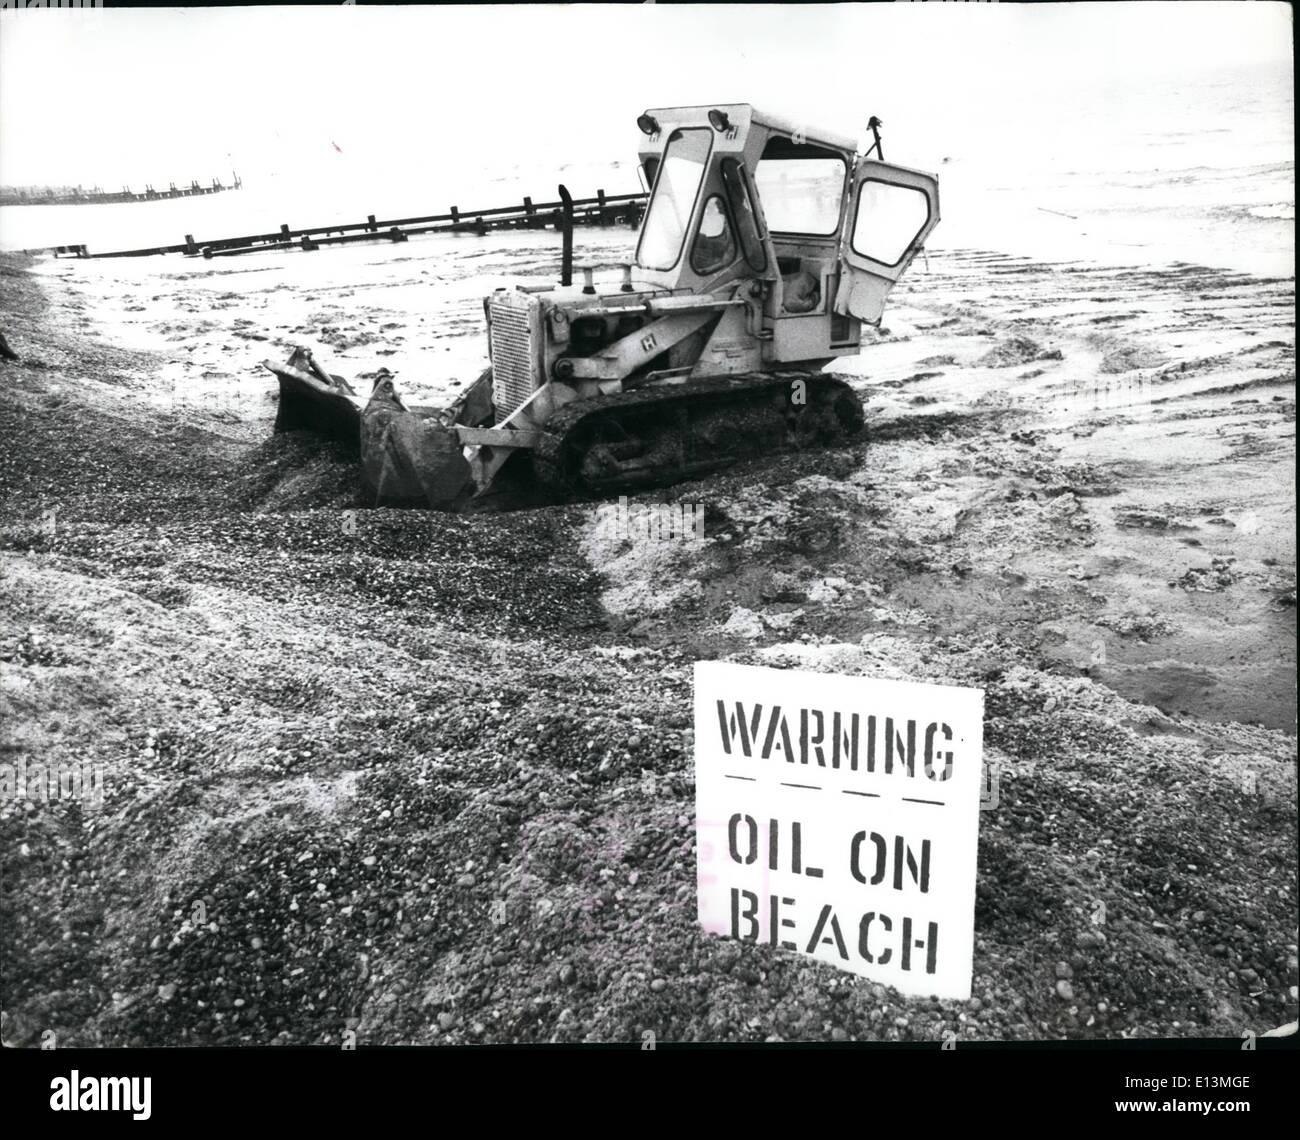 Mar. 22, 2012 - L'huile Hits Maison de vacances Plages: Une quinzaine de kilomètres de plages de Anglian EAS ont été pollués hier par noir épais huile moteur du naufrage du pétrolier grec, Eleni C. 12 000. L'oil est venue à terre Winverton entre, Norfolk, et Lowestoft. L'Eleni a été coupé en deux le samedi après une collision avec le navire marchand français Roseline1 16 000 - la section avant du navire-citerne a été échoué sur un banc de sable près de quatre kilomètres de lowestoft par les ancres qu'elles espèrent arrêter il dérivait et démolition et répandre le reste de ses 3 000 tonnes à bord encore Photo Stock